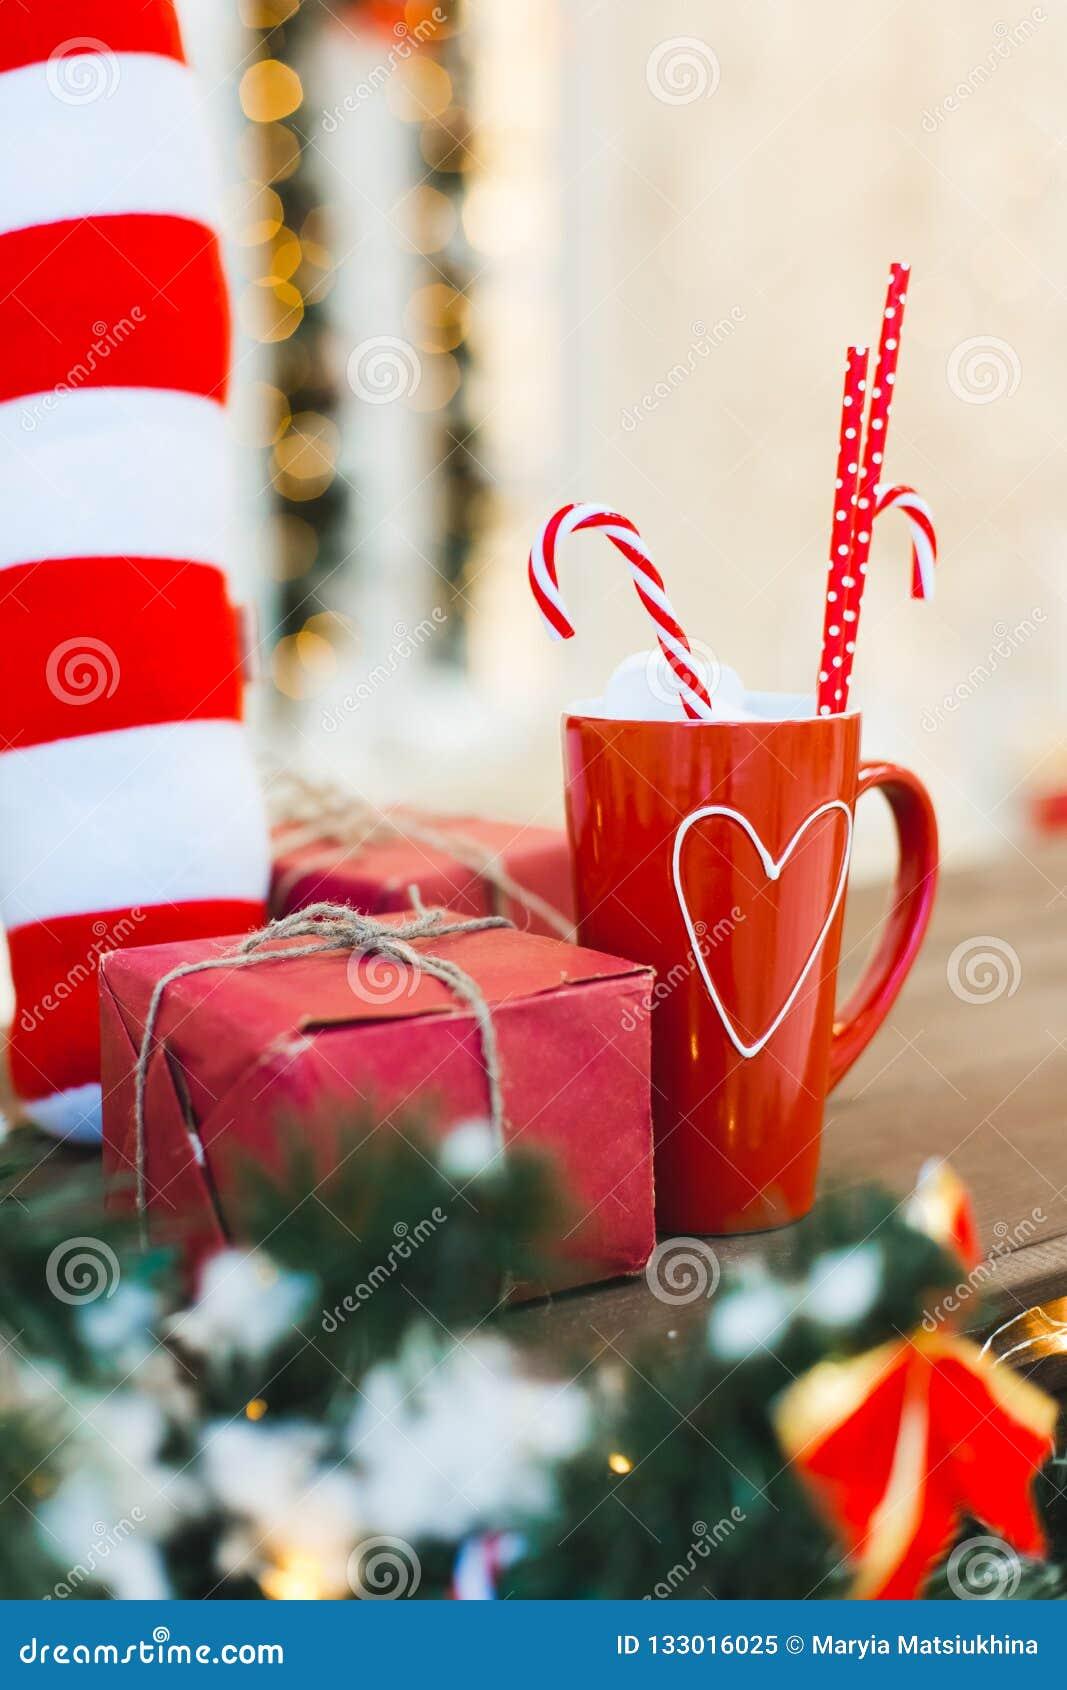 Copo vermelho do chá ou do café ou chokolate quente com doces e presente - fundo do feriado do Natal